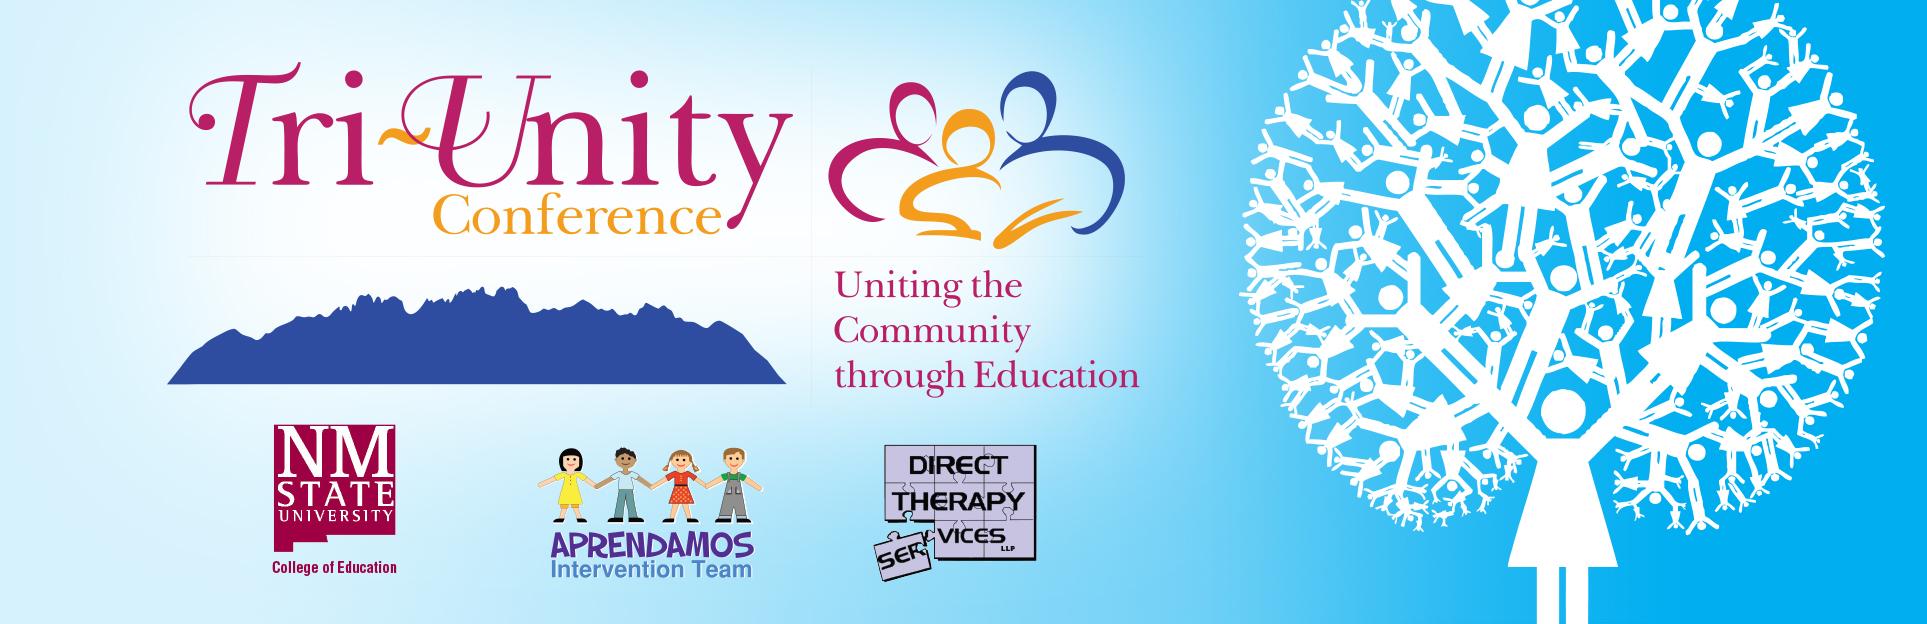 tri-unity-banner